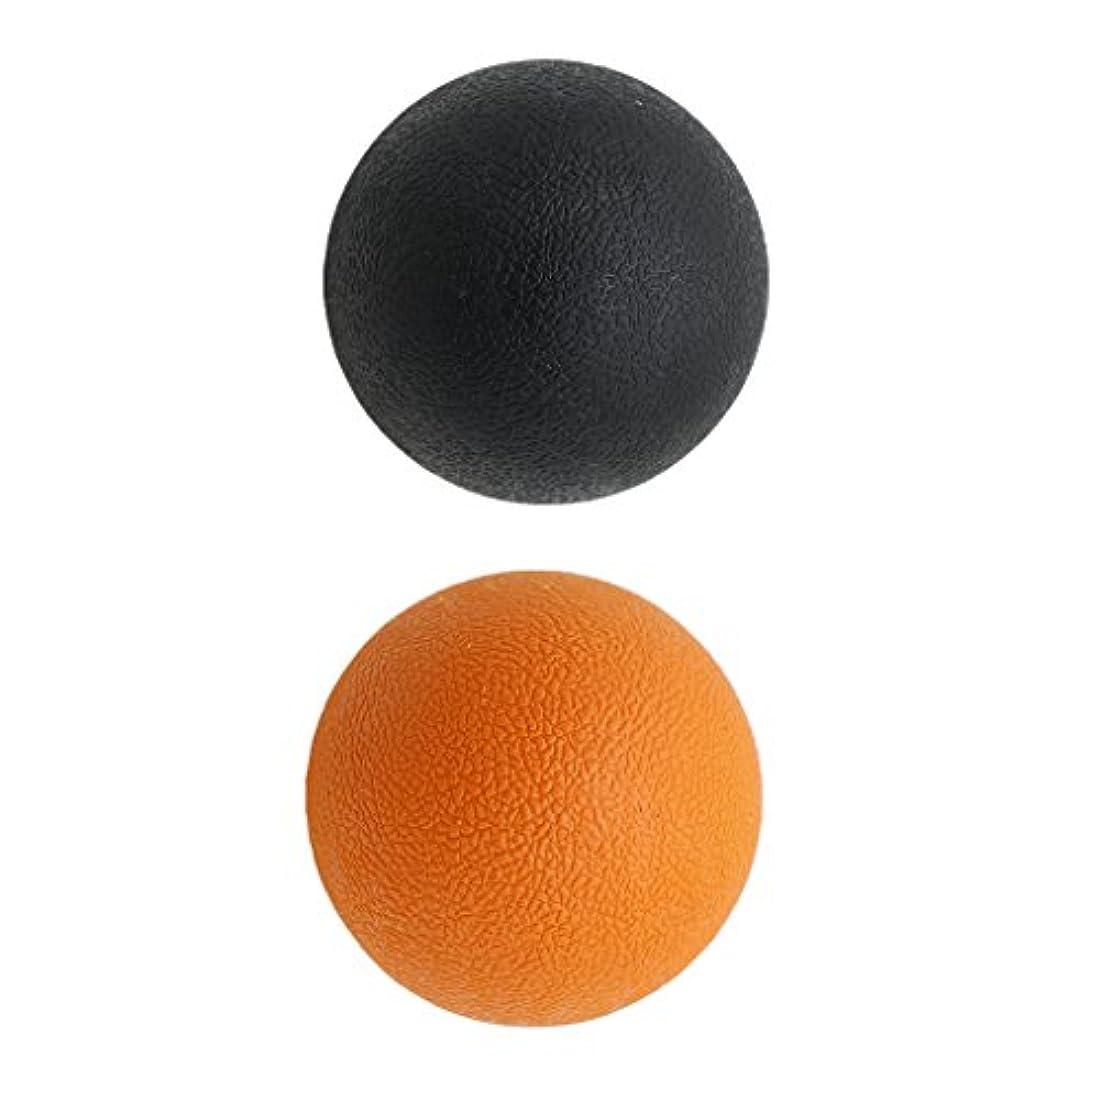 生き残り均等にシティ2個 マッサージボール ラクロスボール 背部 トリガ ポイント マッサージ 多色選べる - オレンジブラック